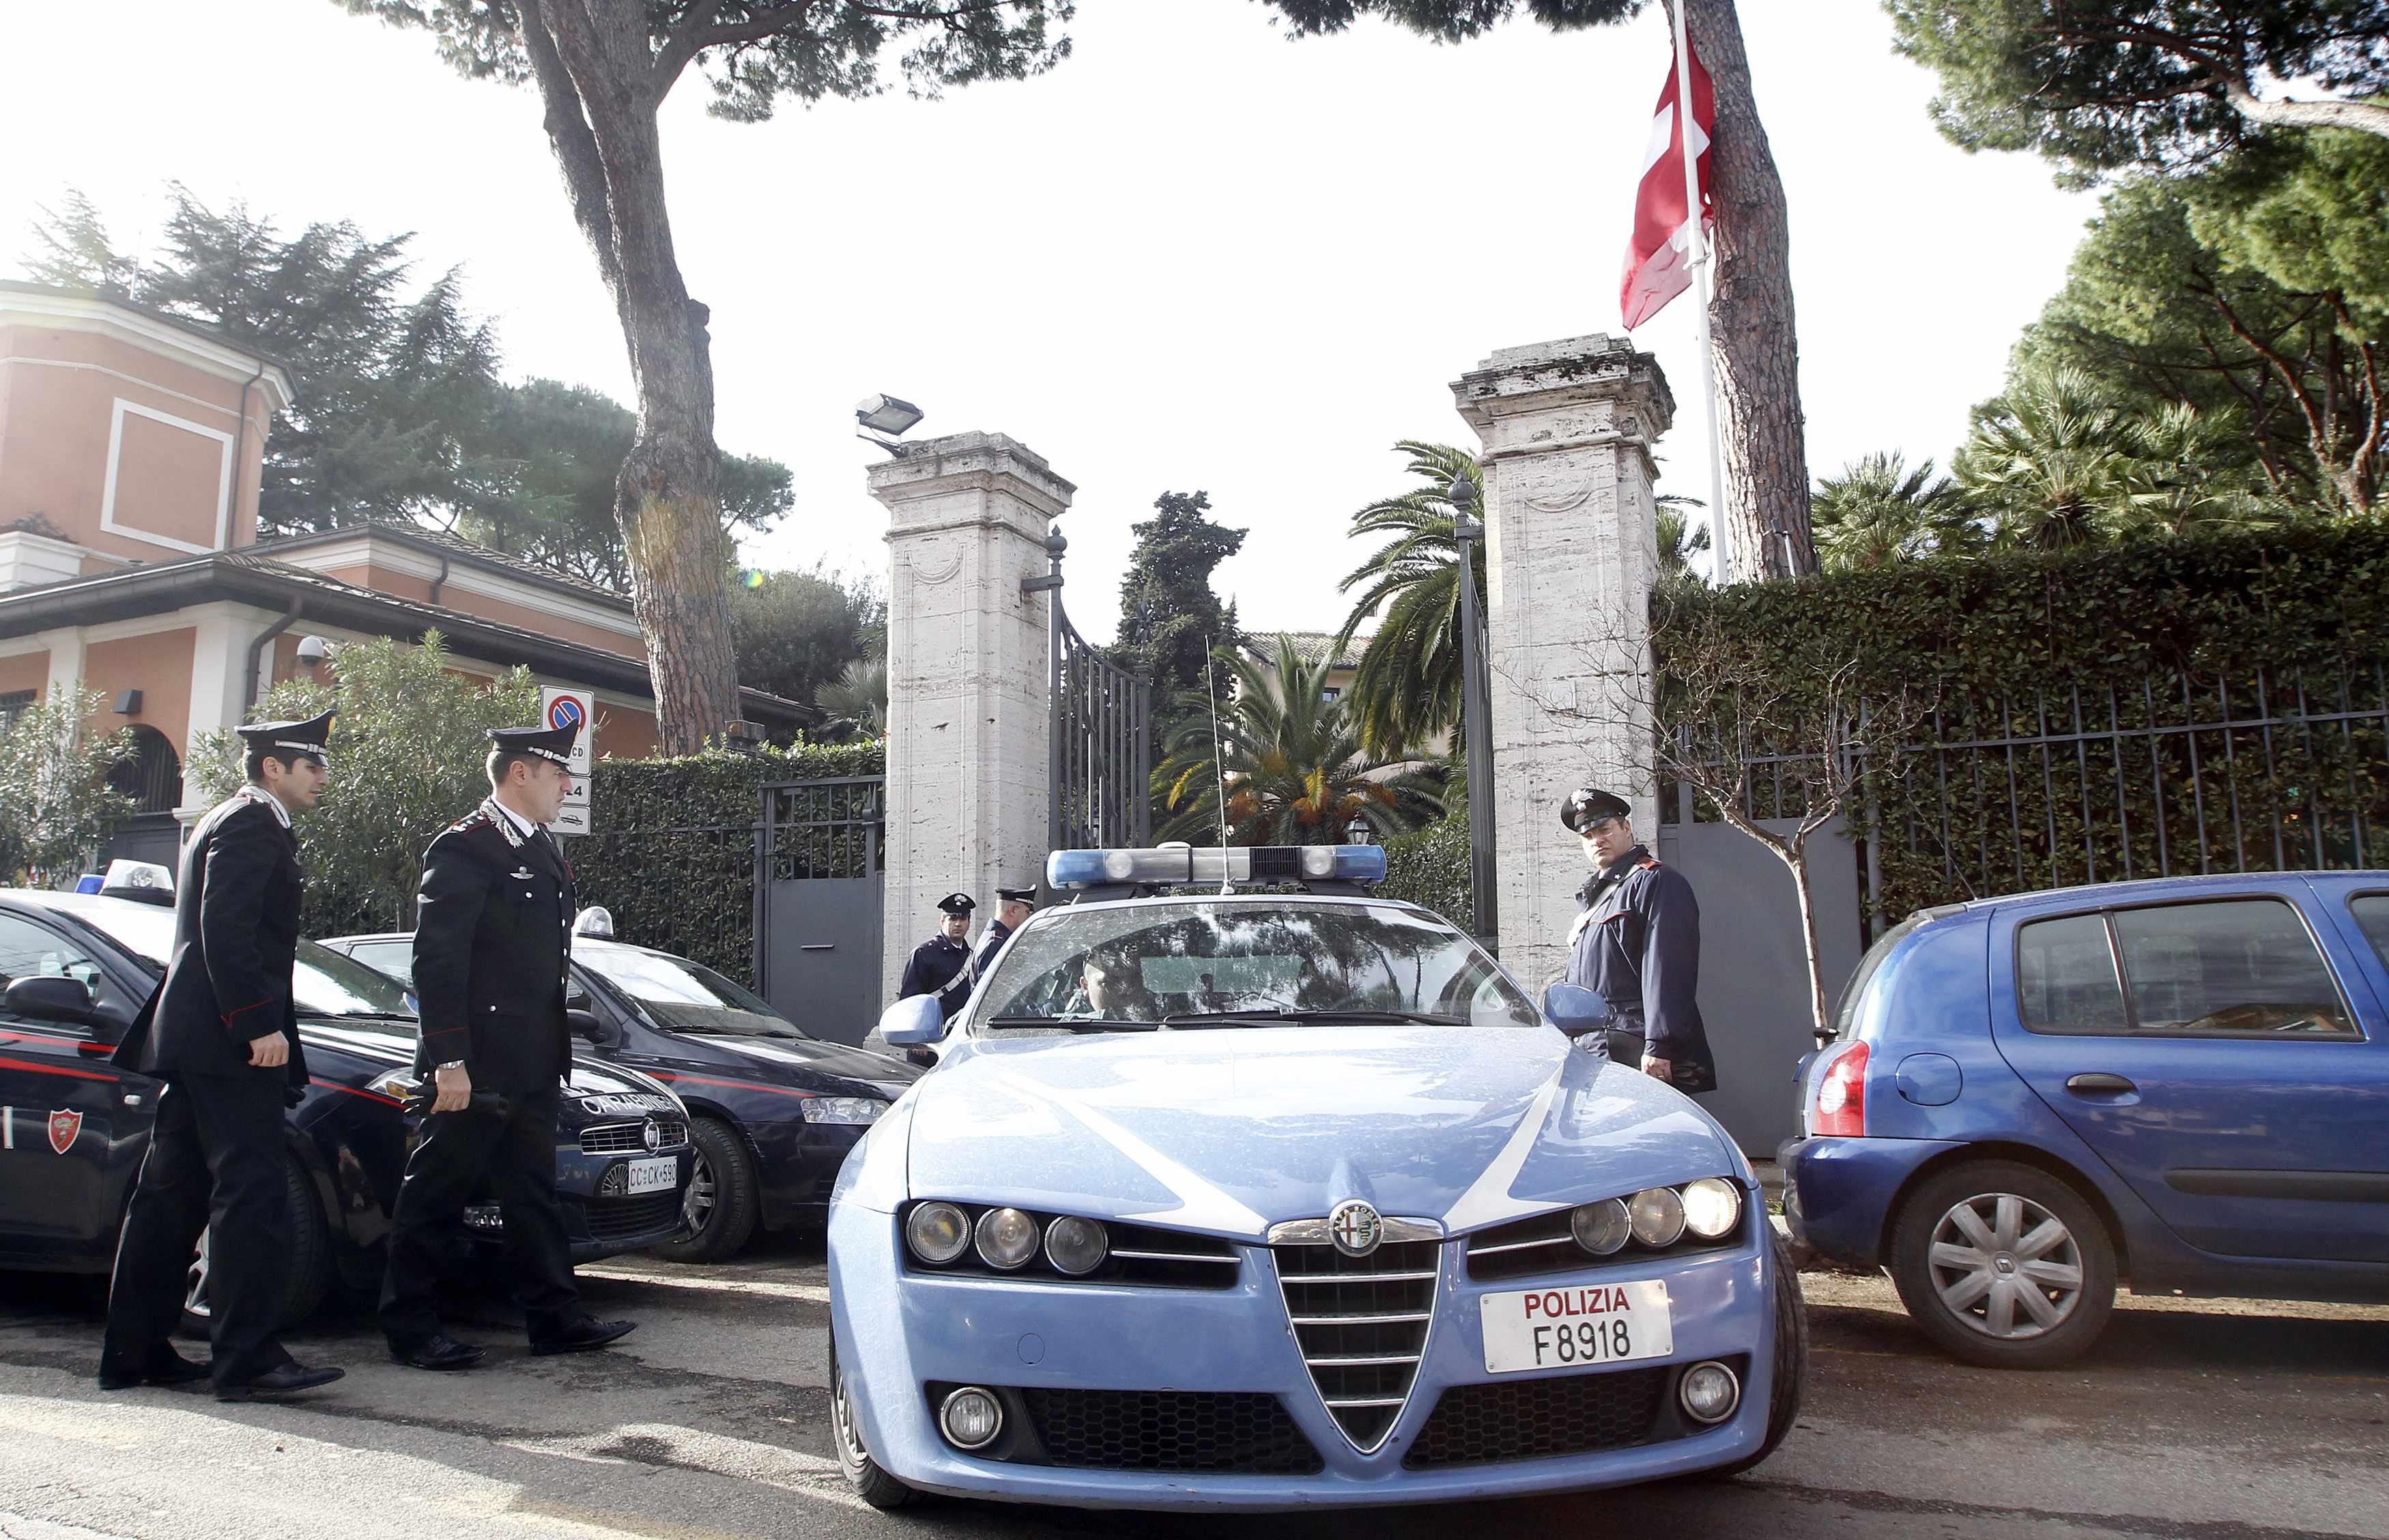 Συναγερμός στην πρεσβεία της Ελβετίας - ΦΩΤΟ REUTERS